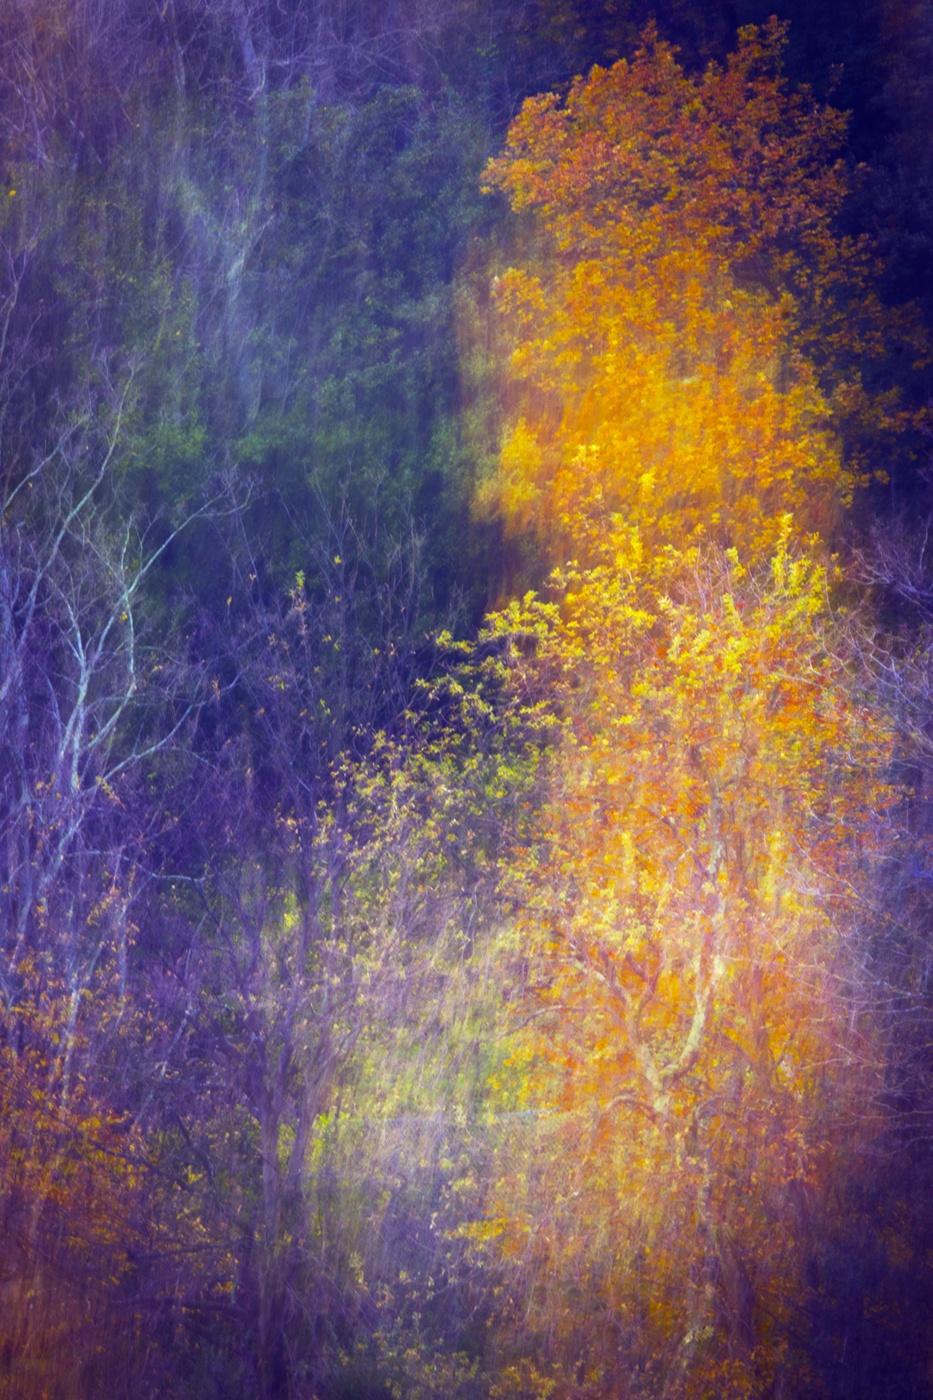 pintando el otoño - Nuria Blanco - Nuria Blanco Arenas. Nature and wildlife photographer.